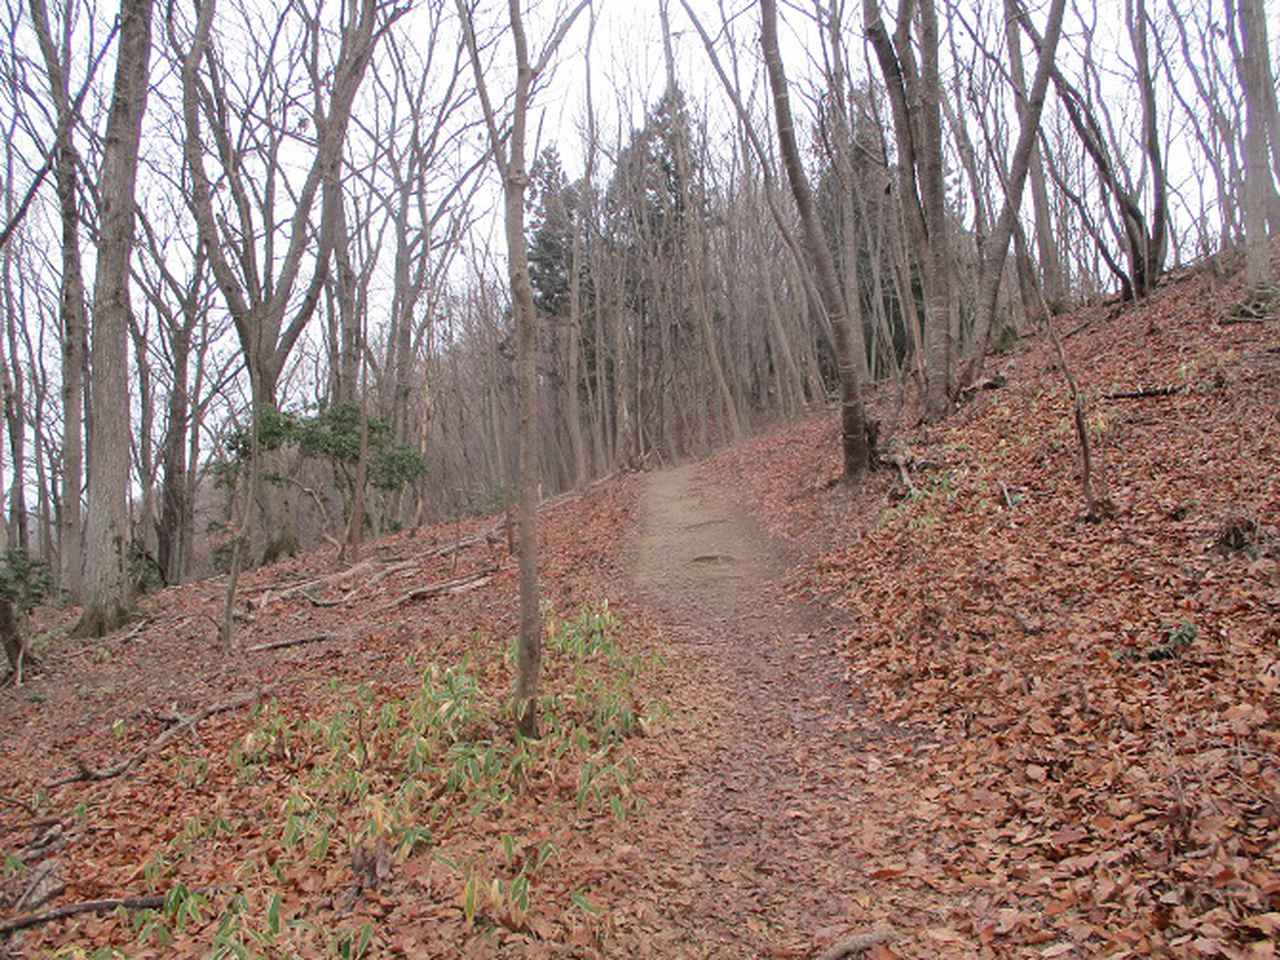 画像3: 来年冬の企画素材を探して長瀞アルプスを歩いてきました!